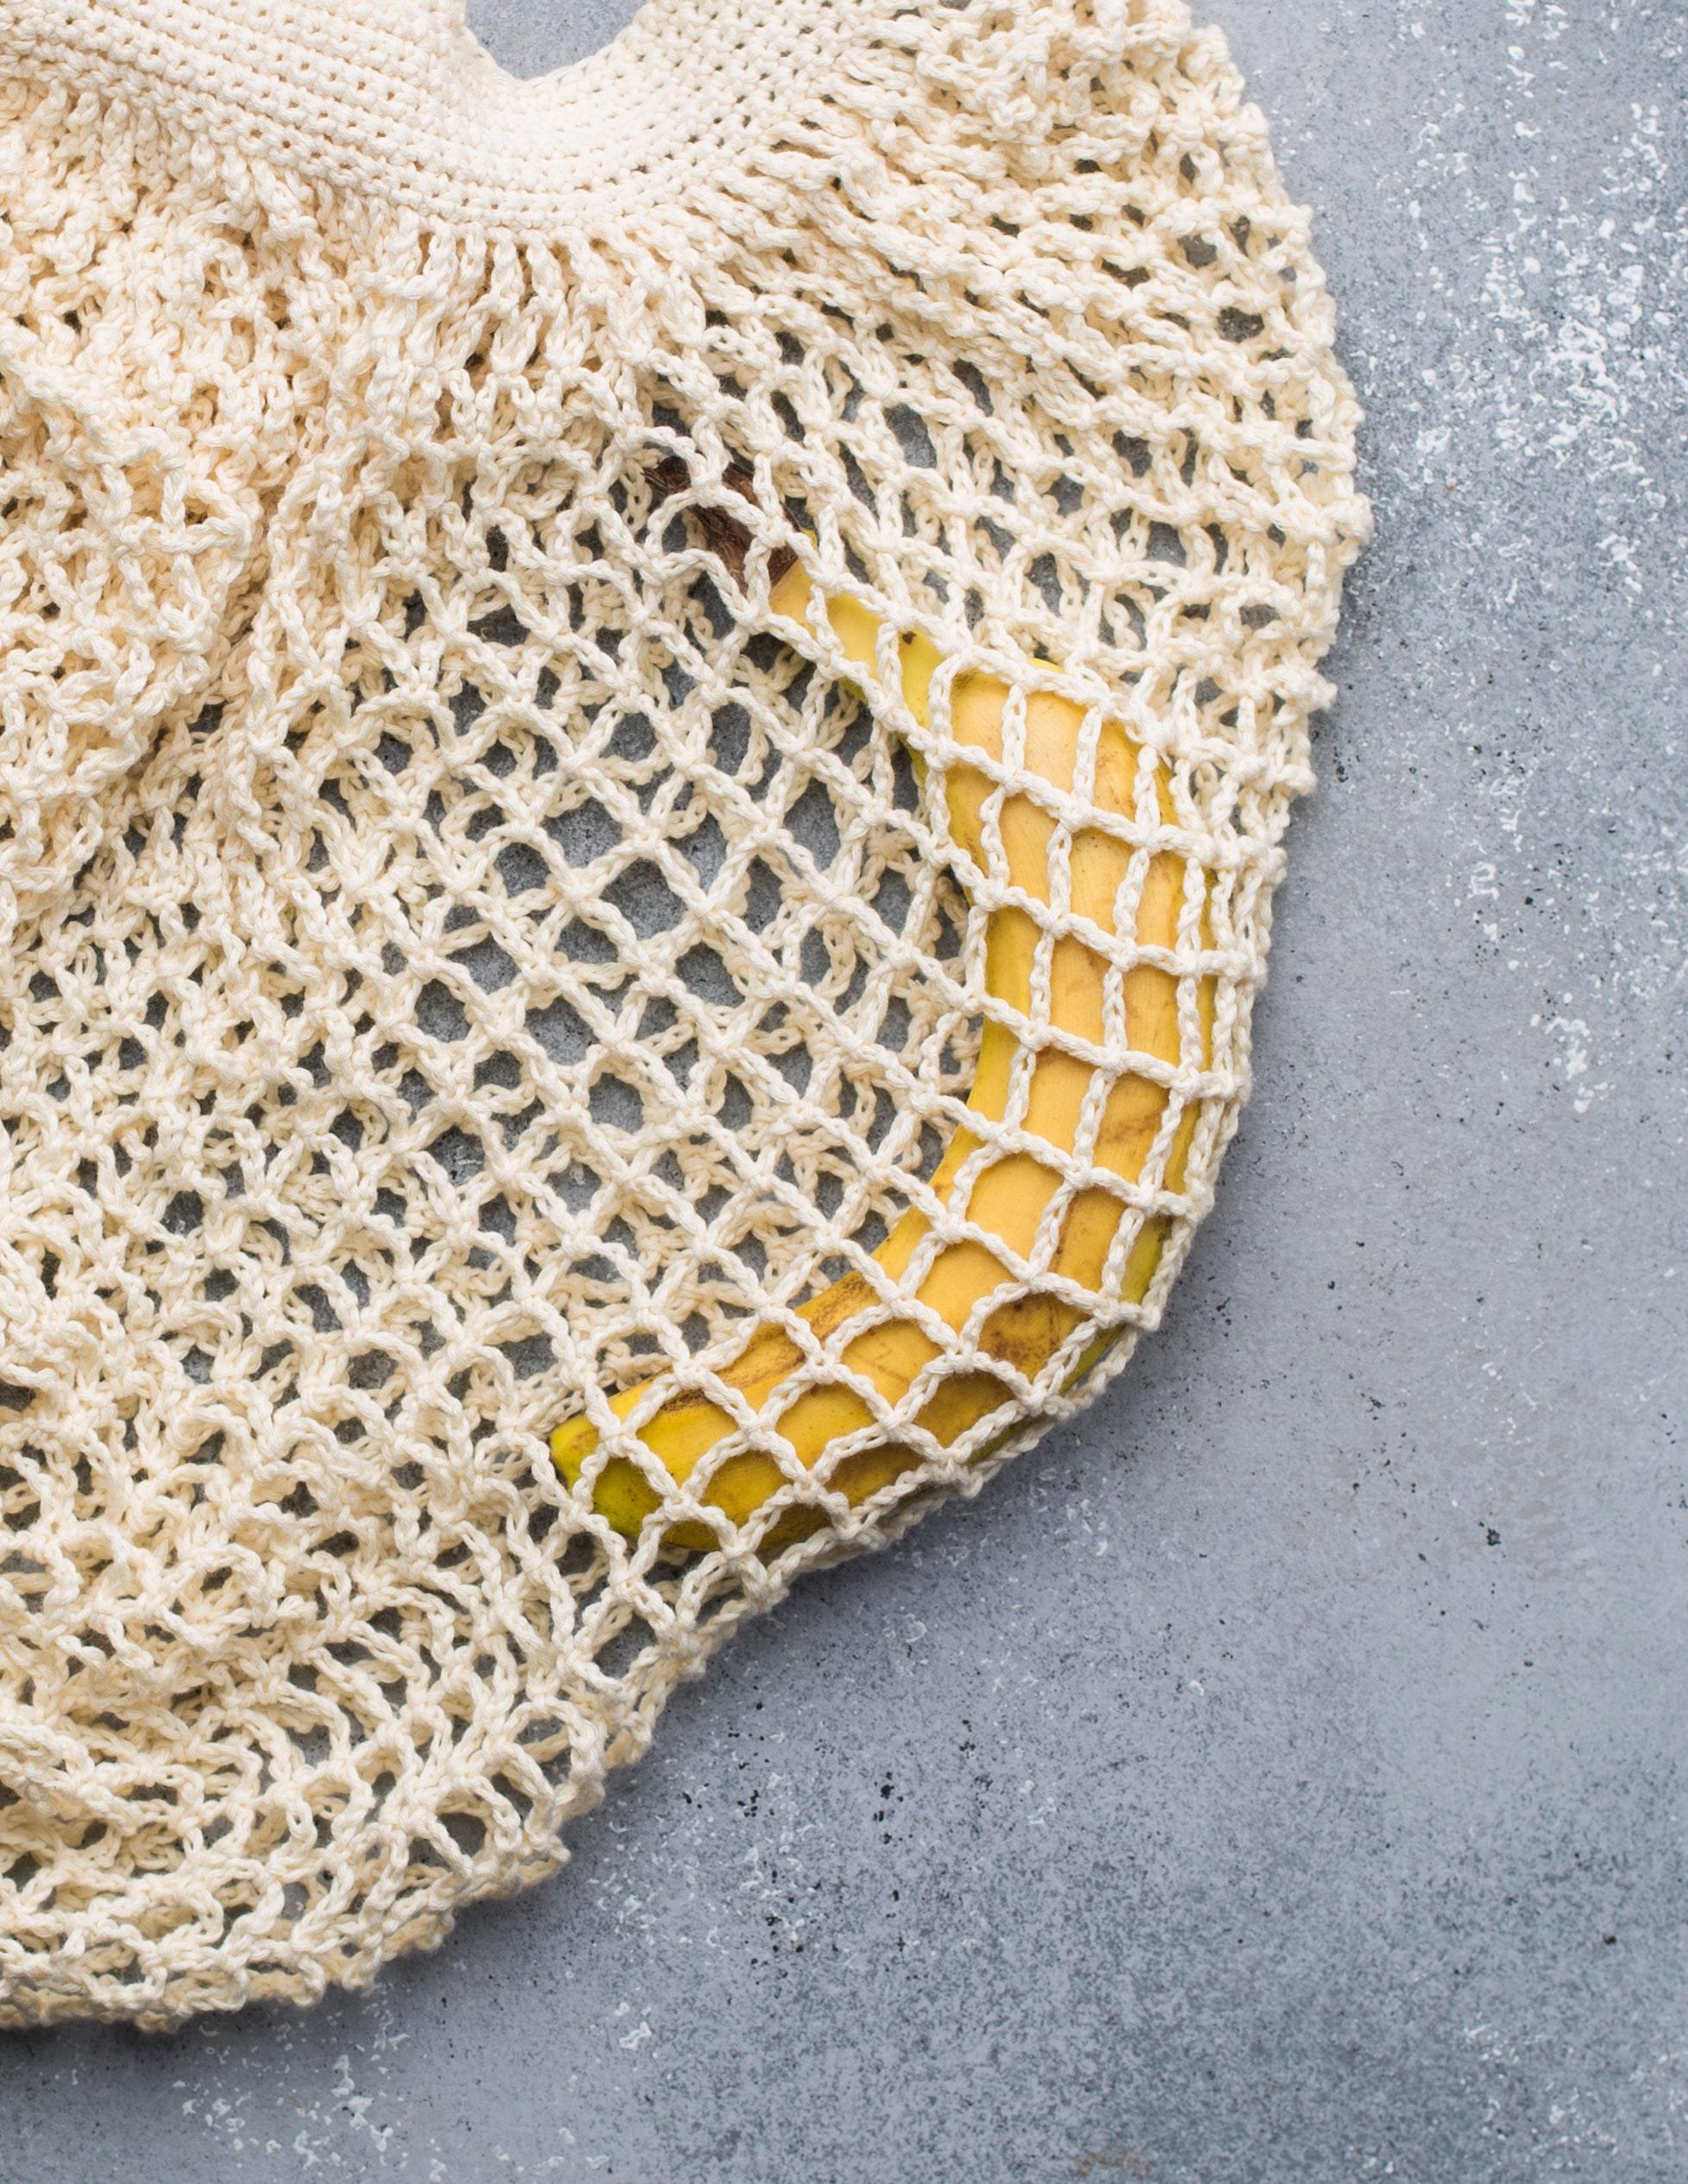 bag-banana-food-2557042